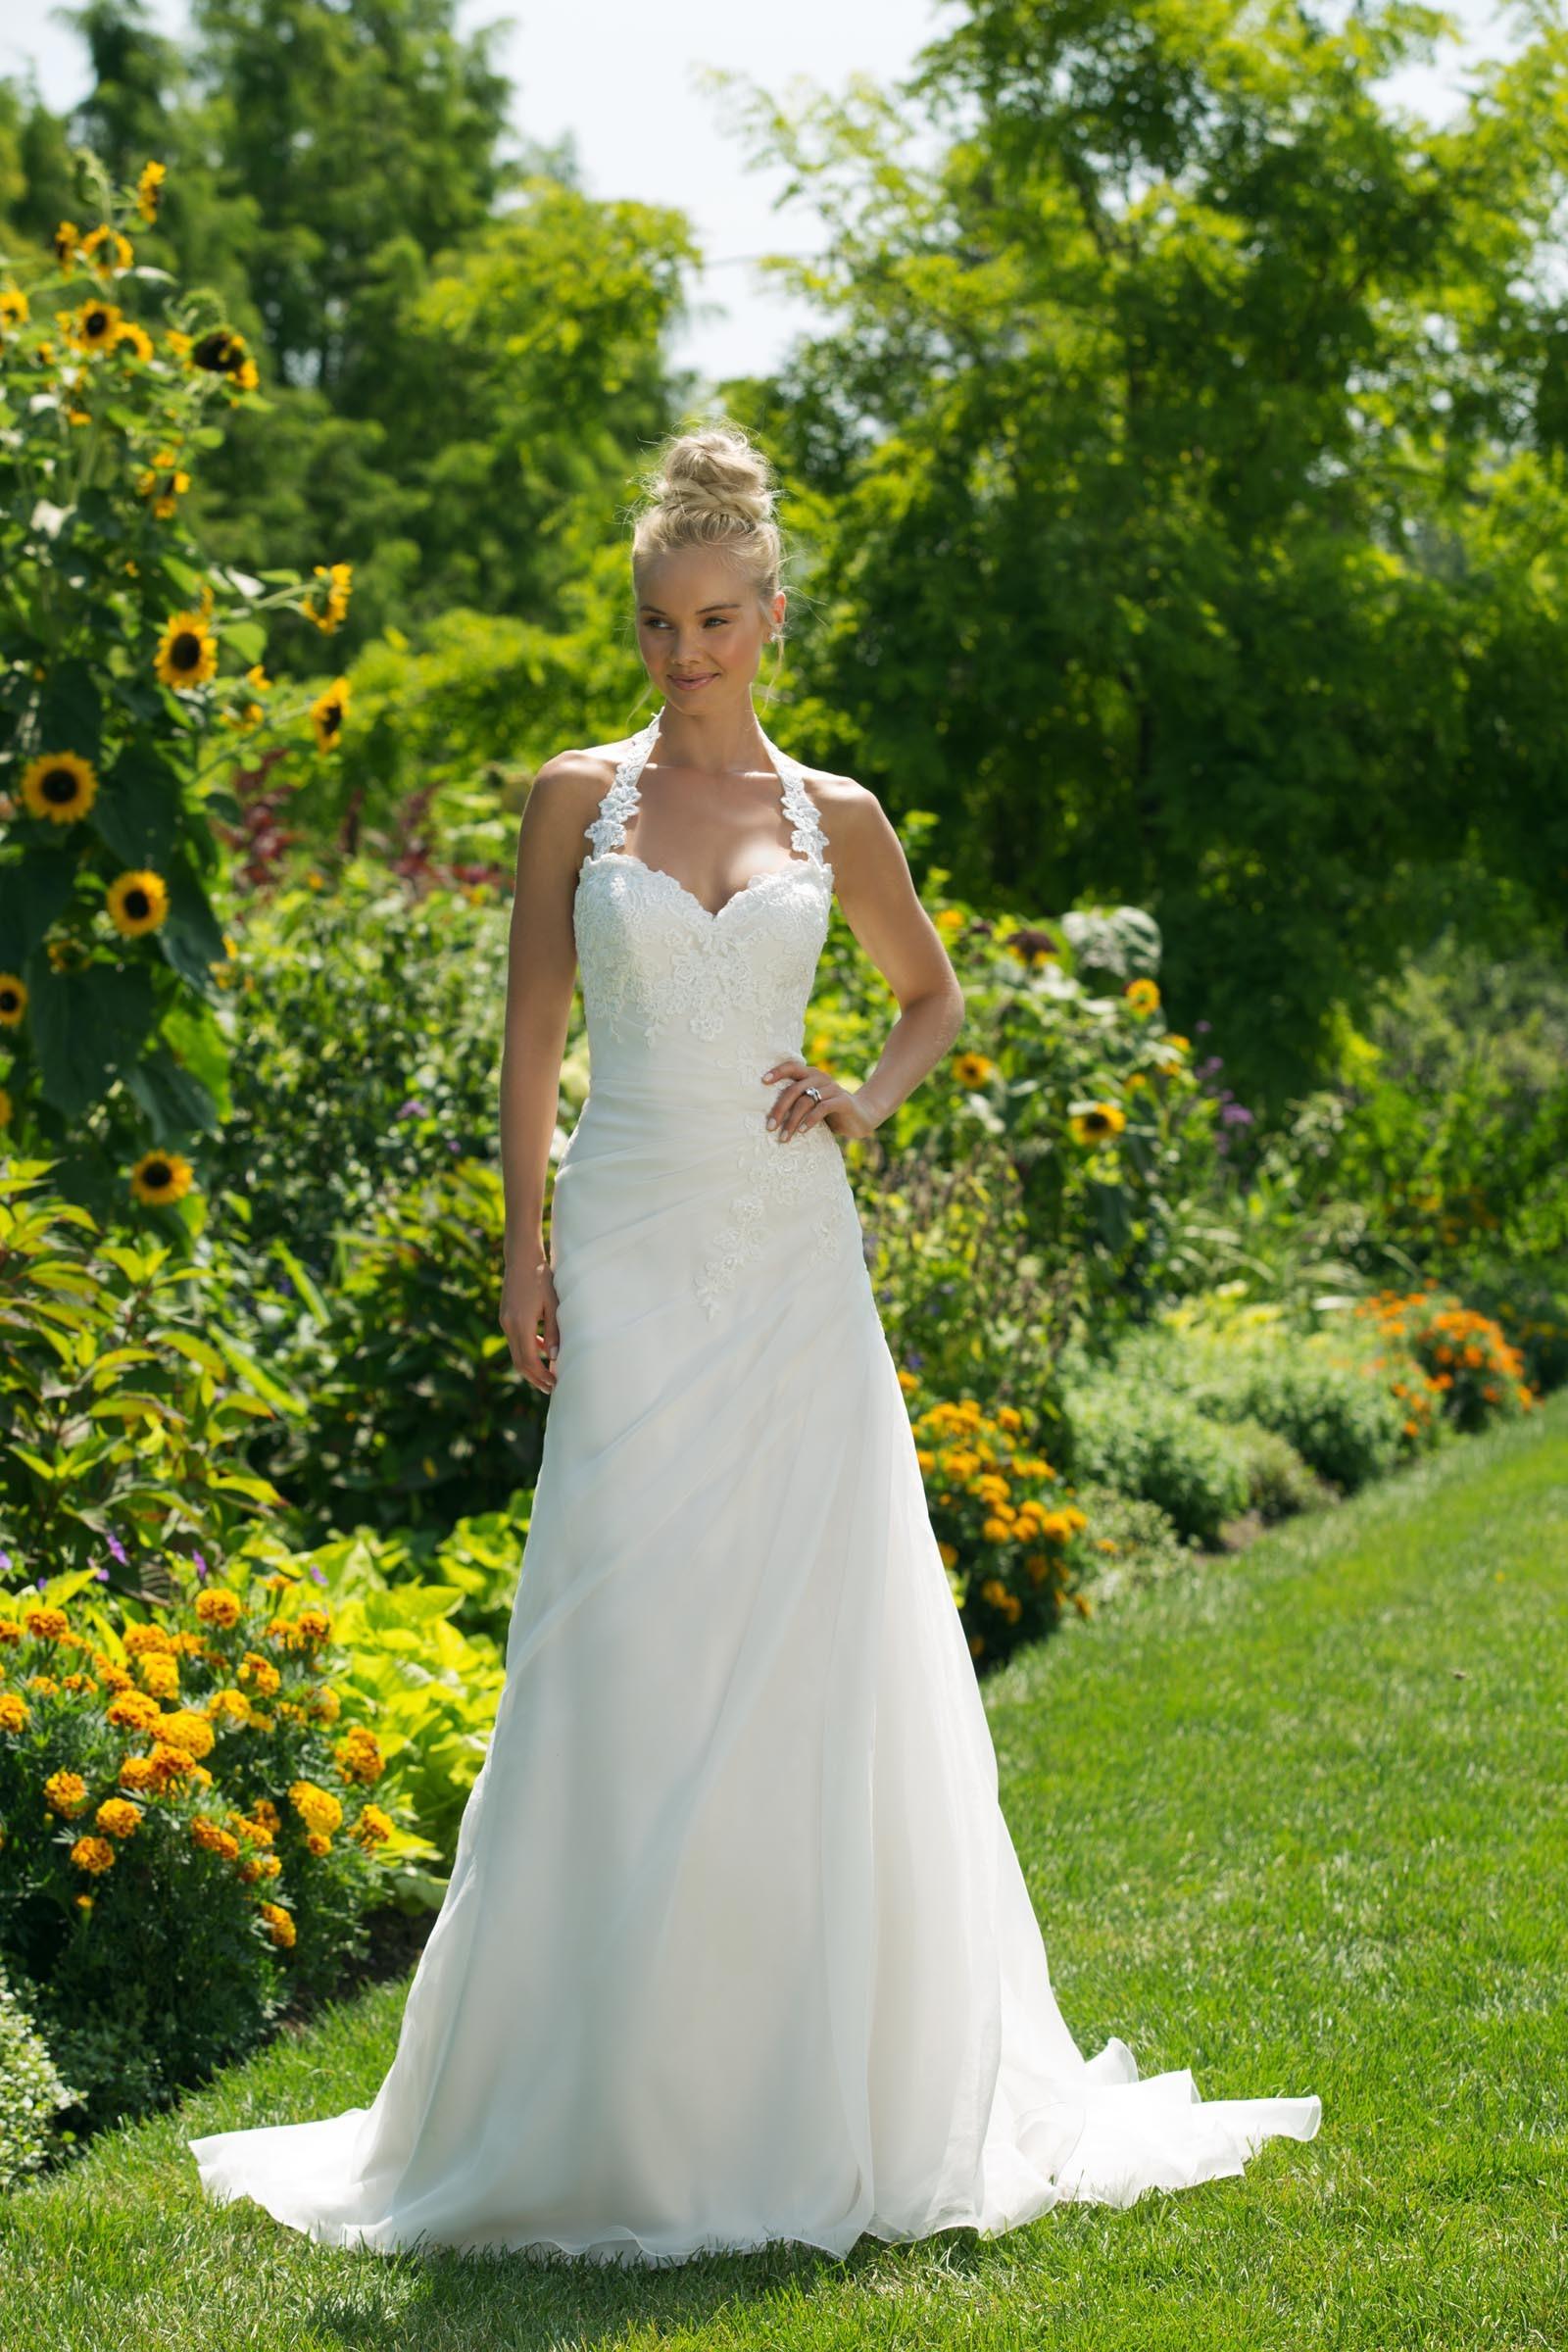 Brautkleid in A-Linie mit Spitze und Neckholder-Ausschnitt in